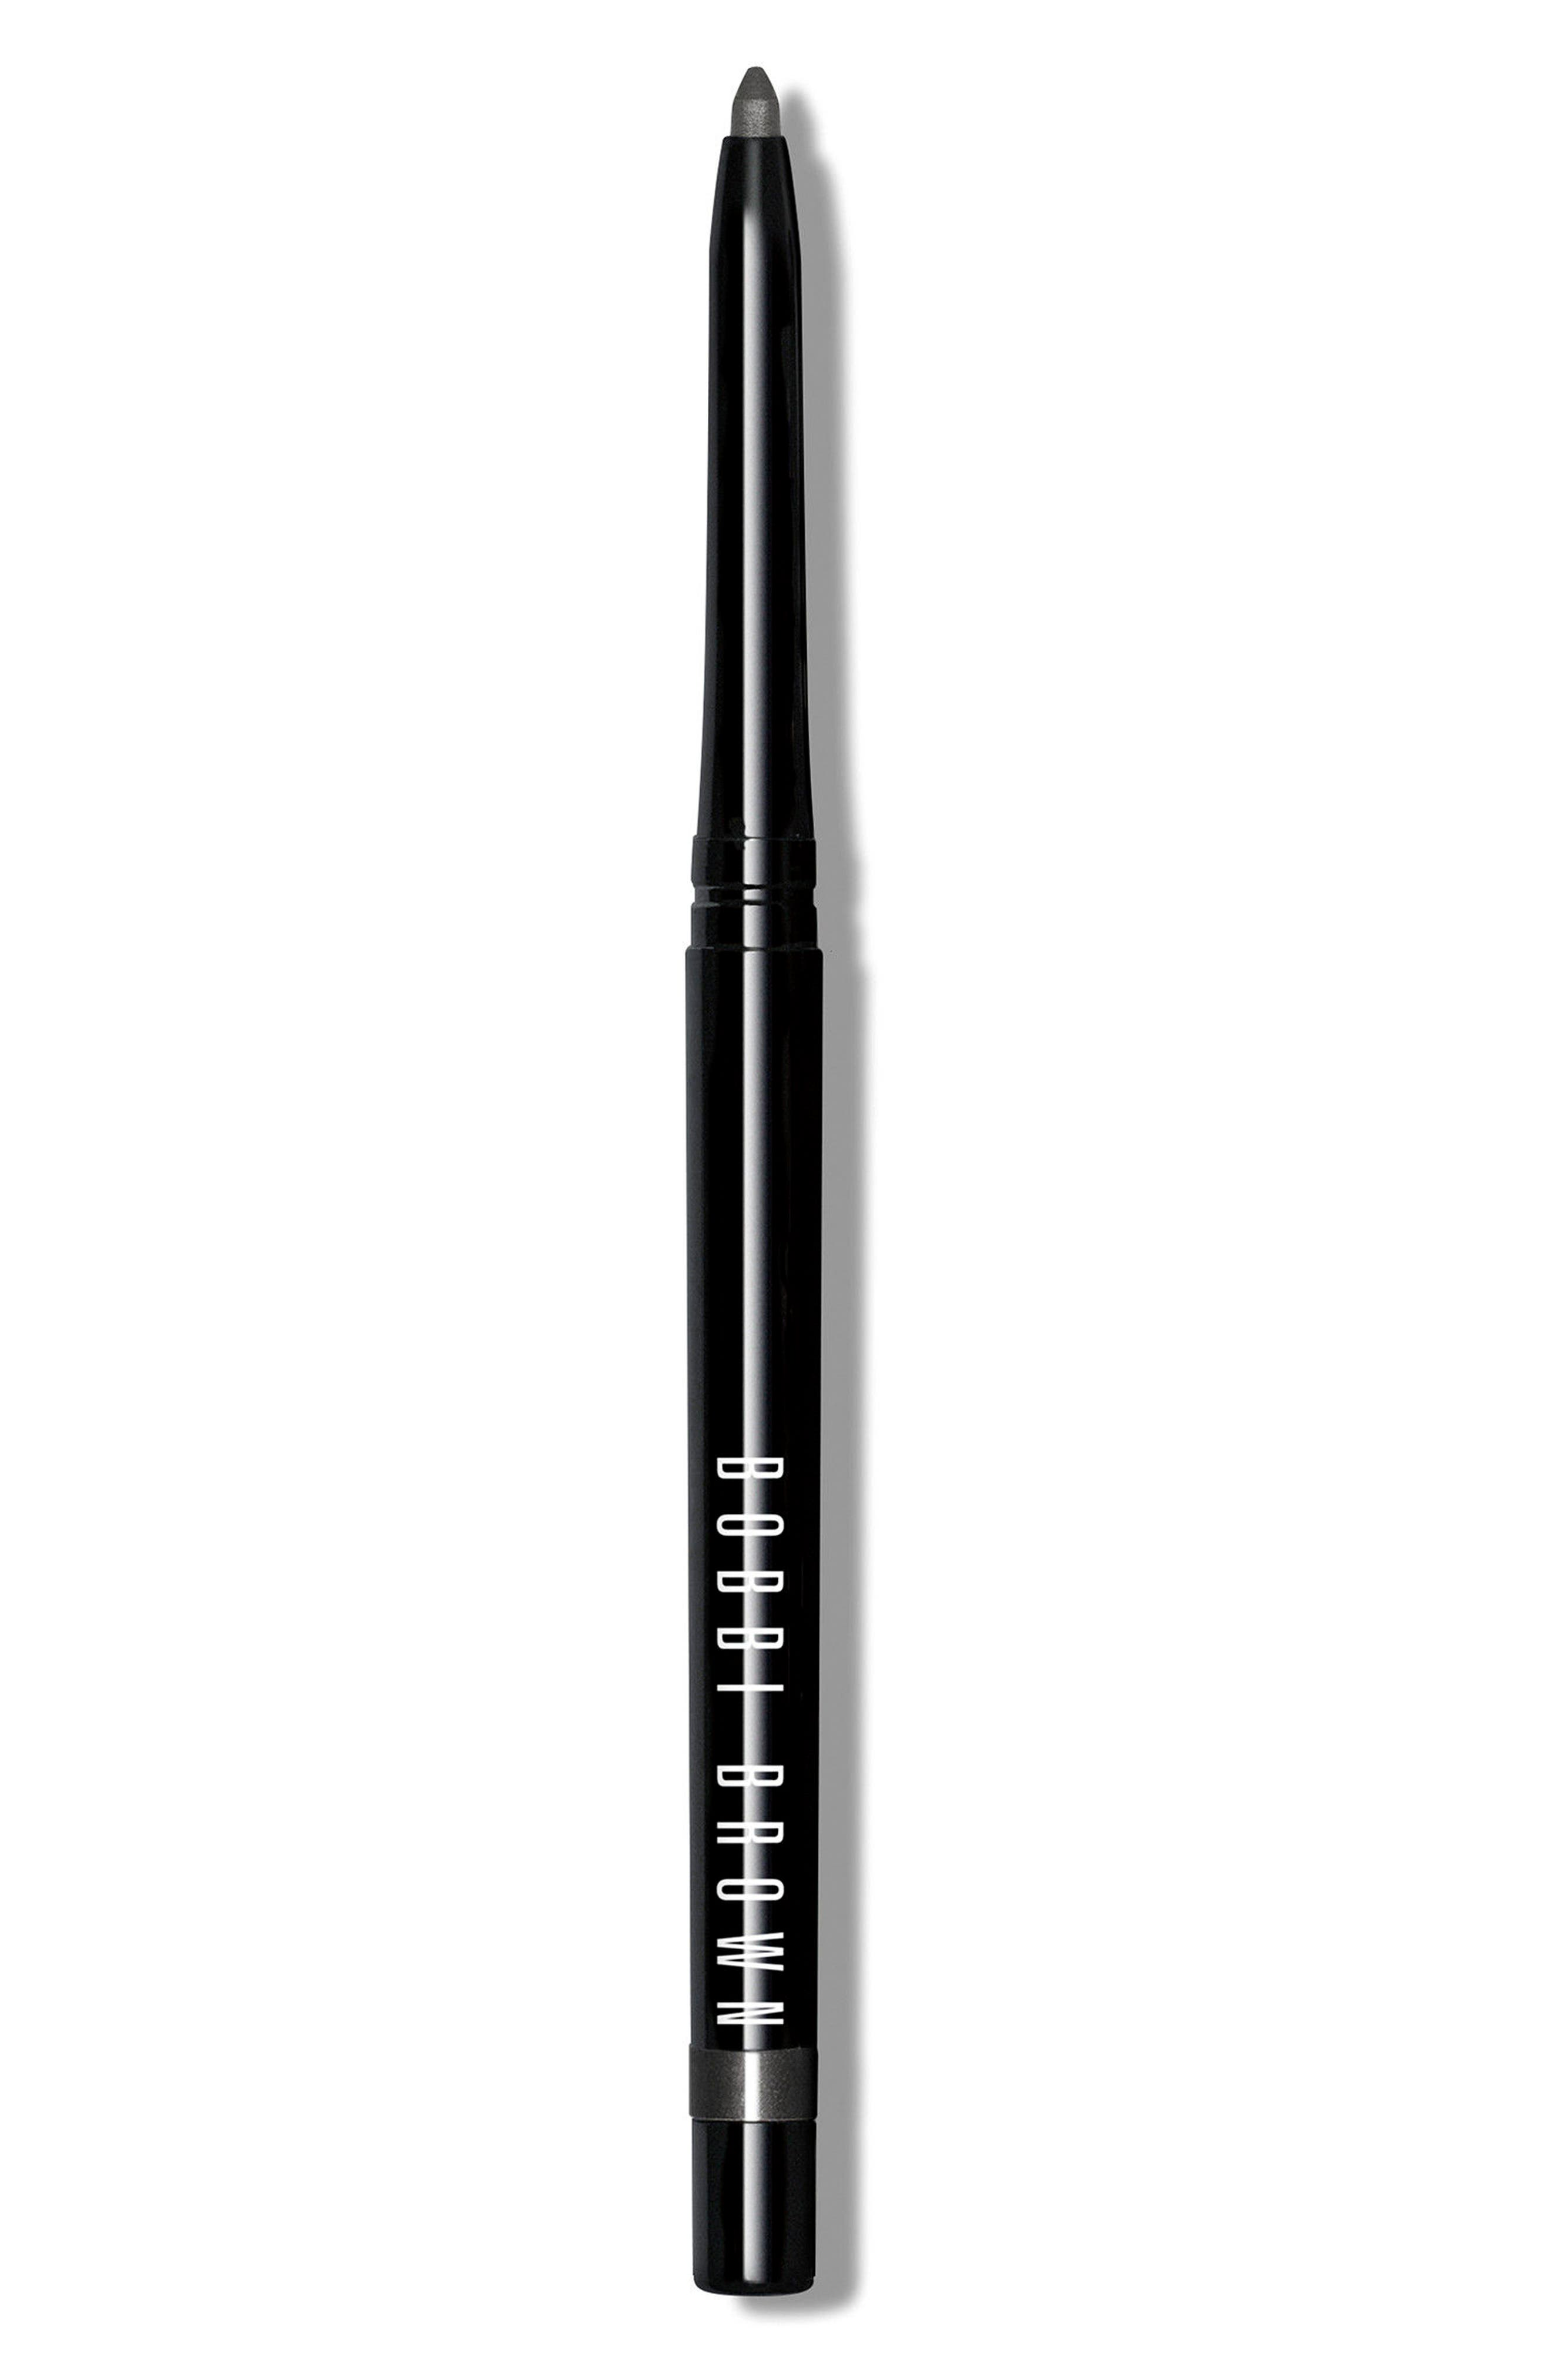 Bobbi Brown Perfectly Defined Gel Eyeliner - Steel Grey